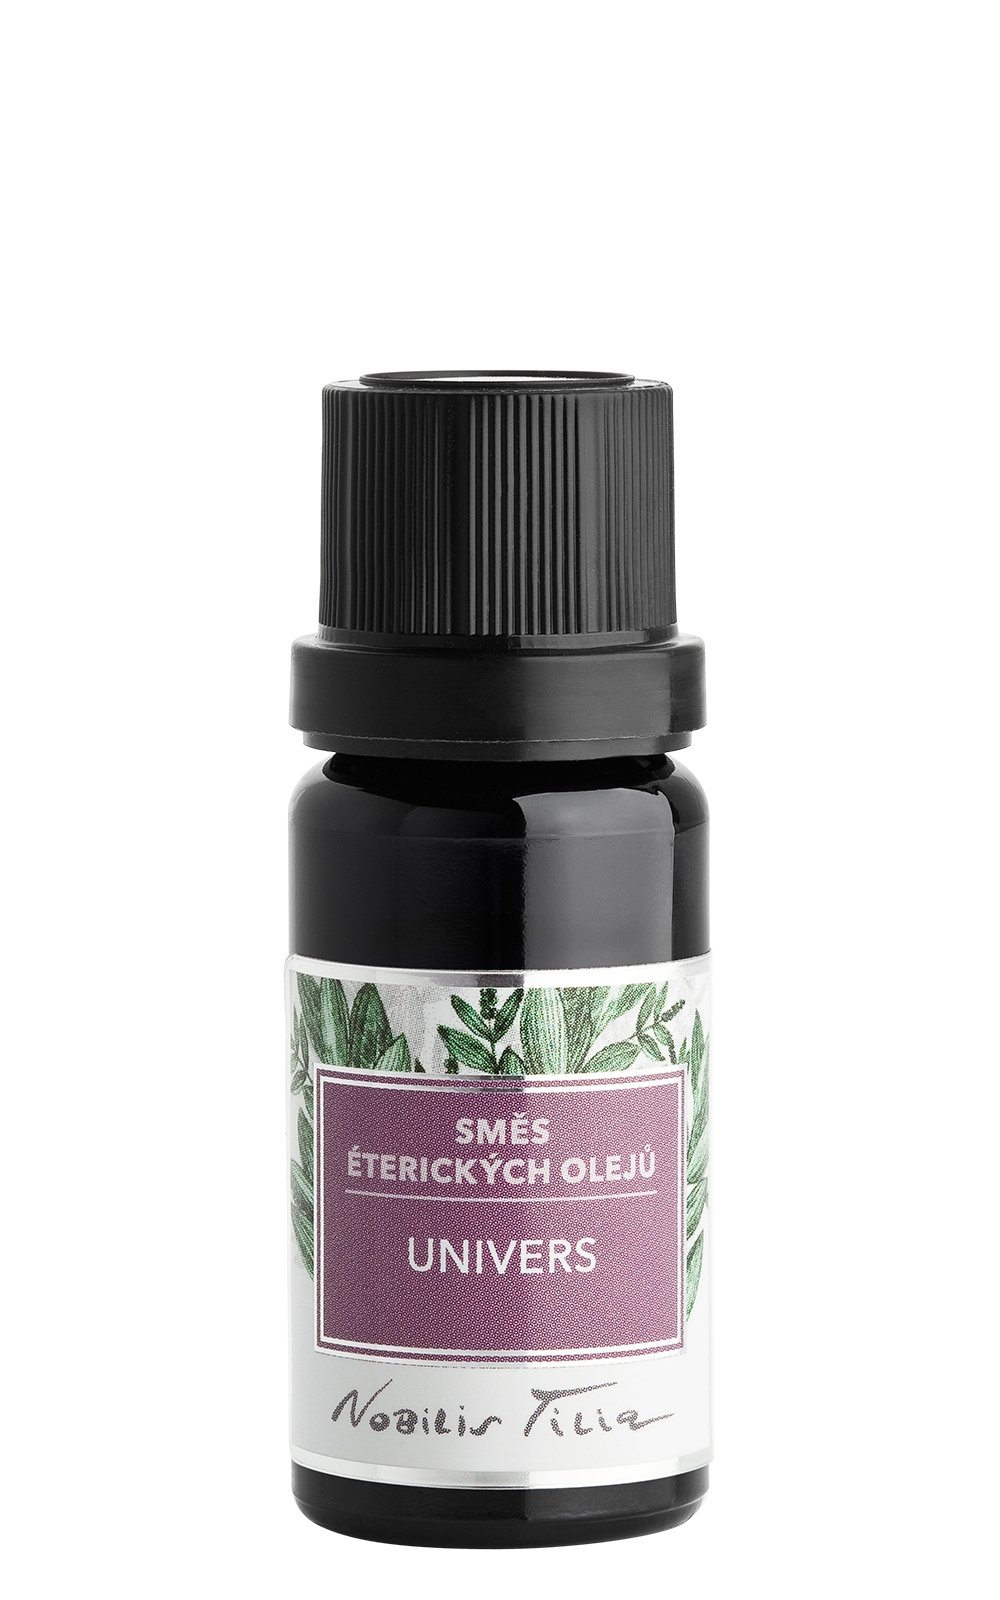 Směs éterických olejů Univers: 10 ml